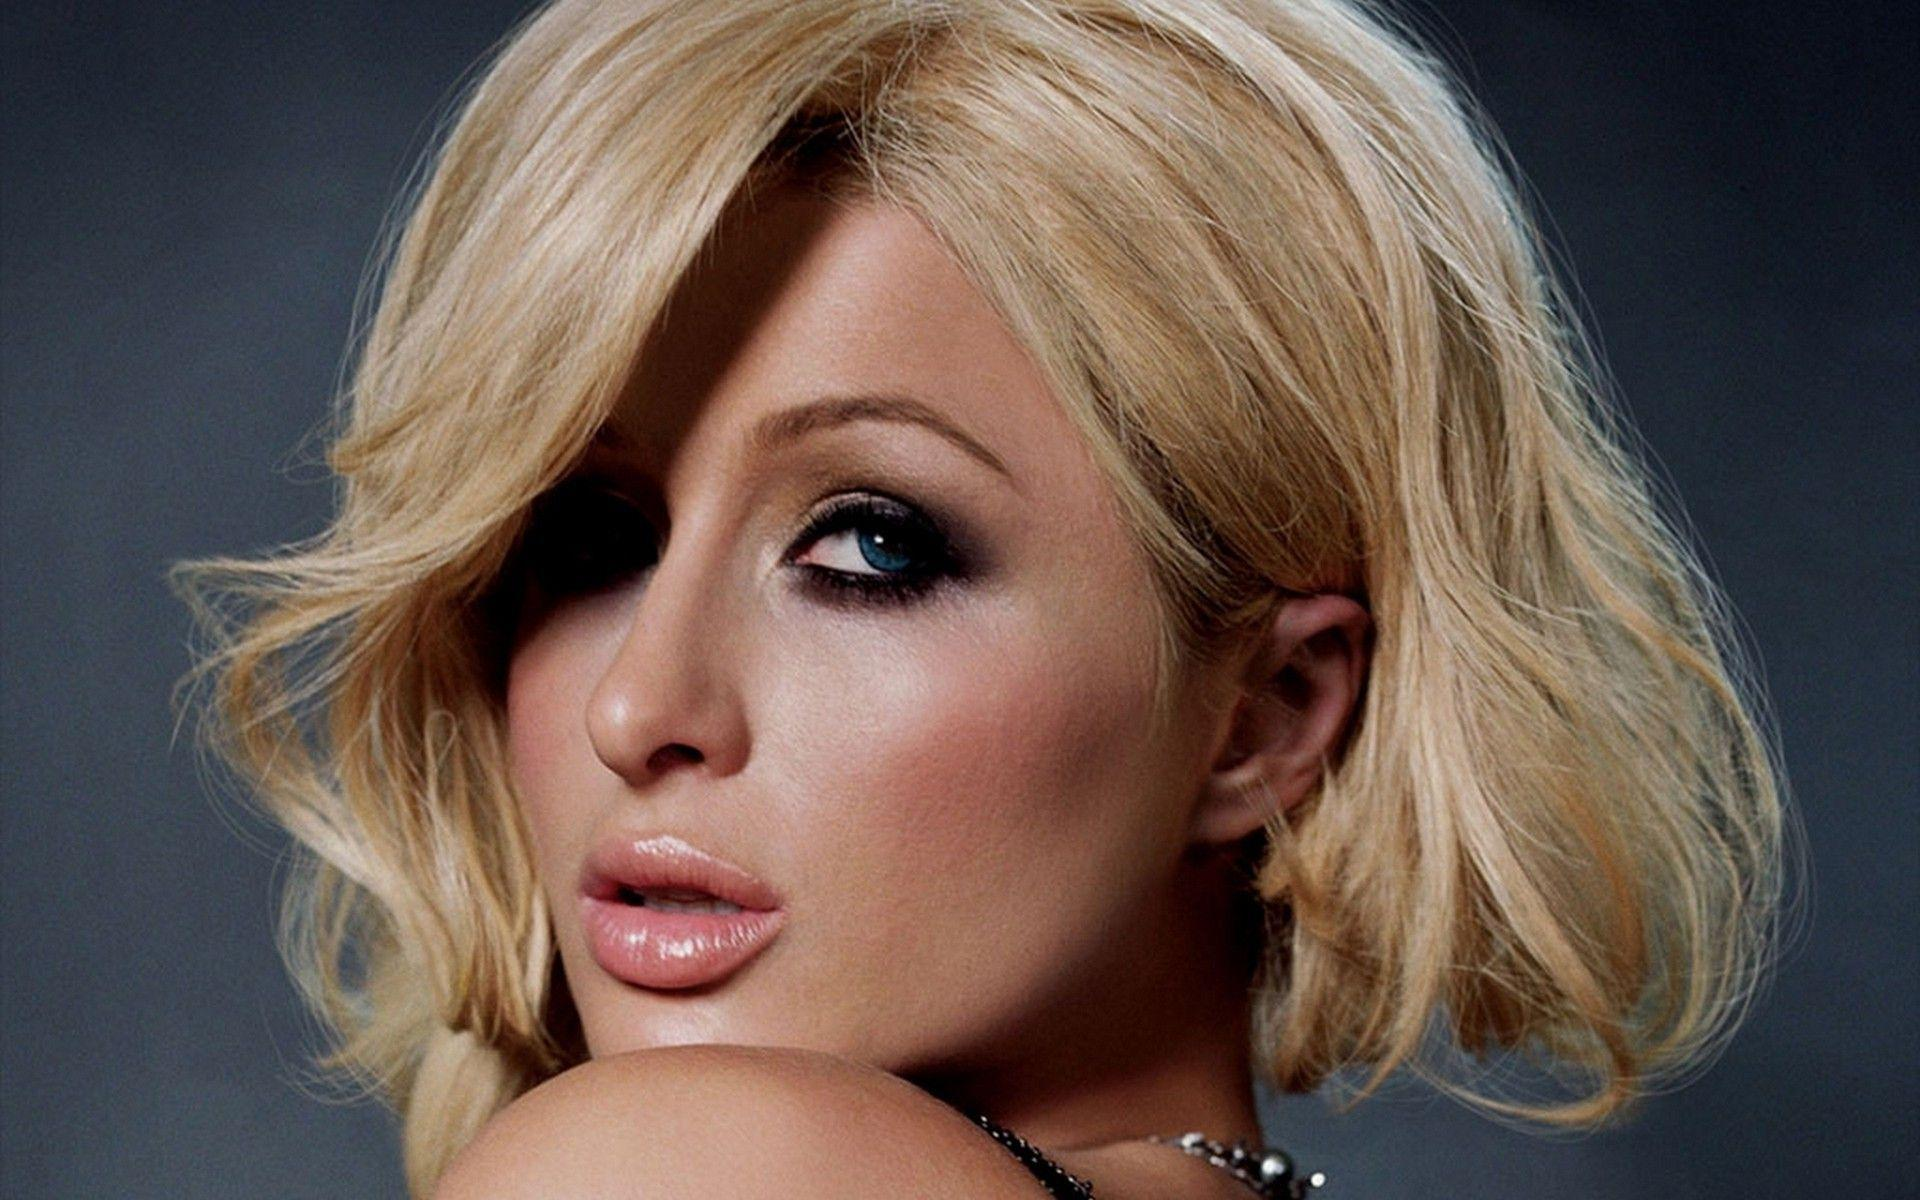 Paris Hilton HD Wallpapers for desktop download